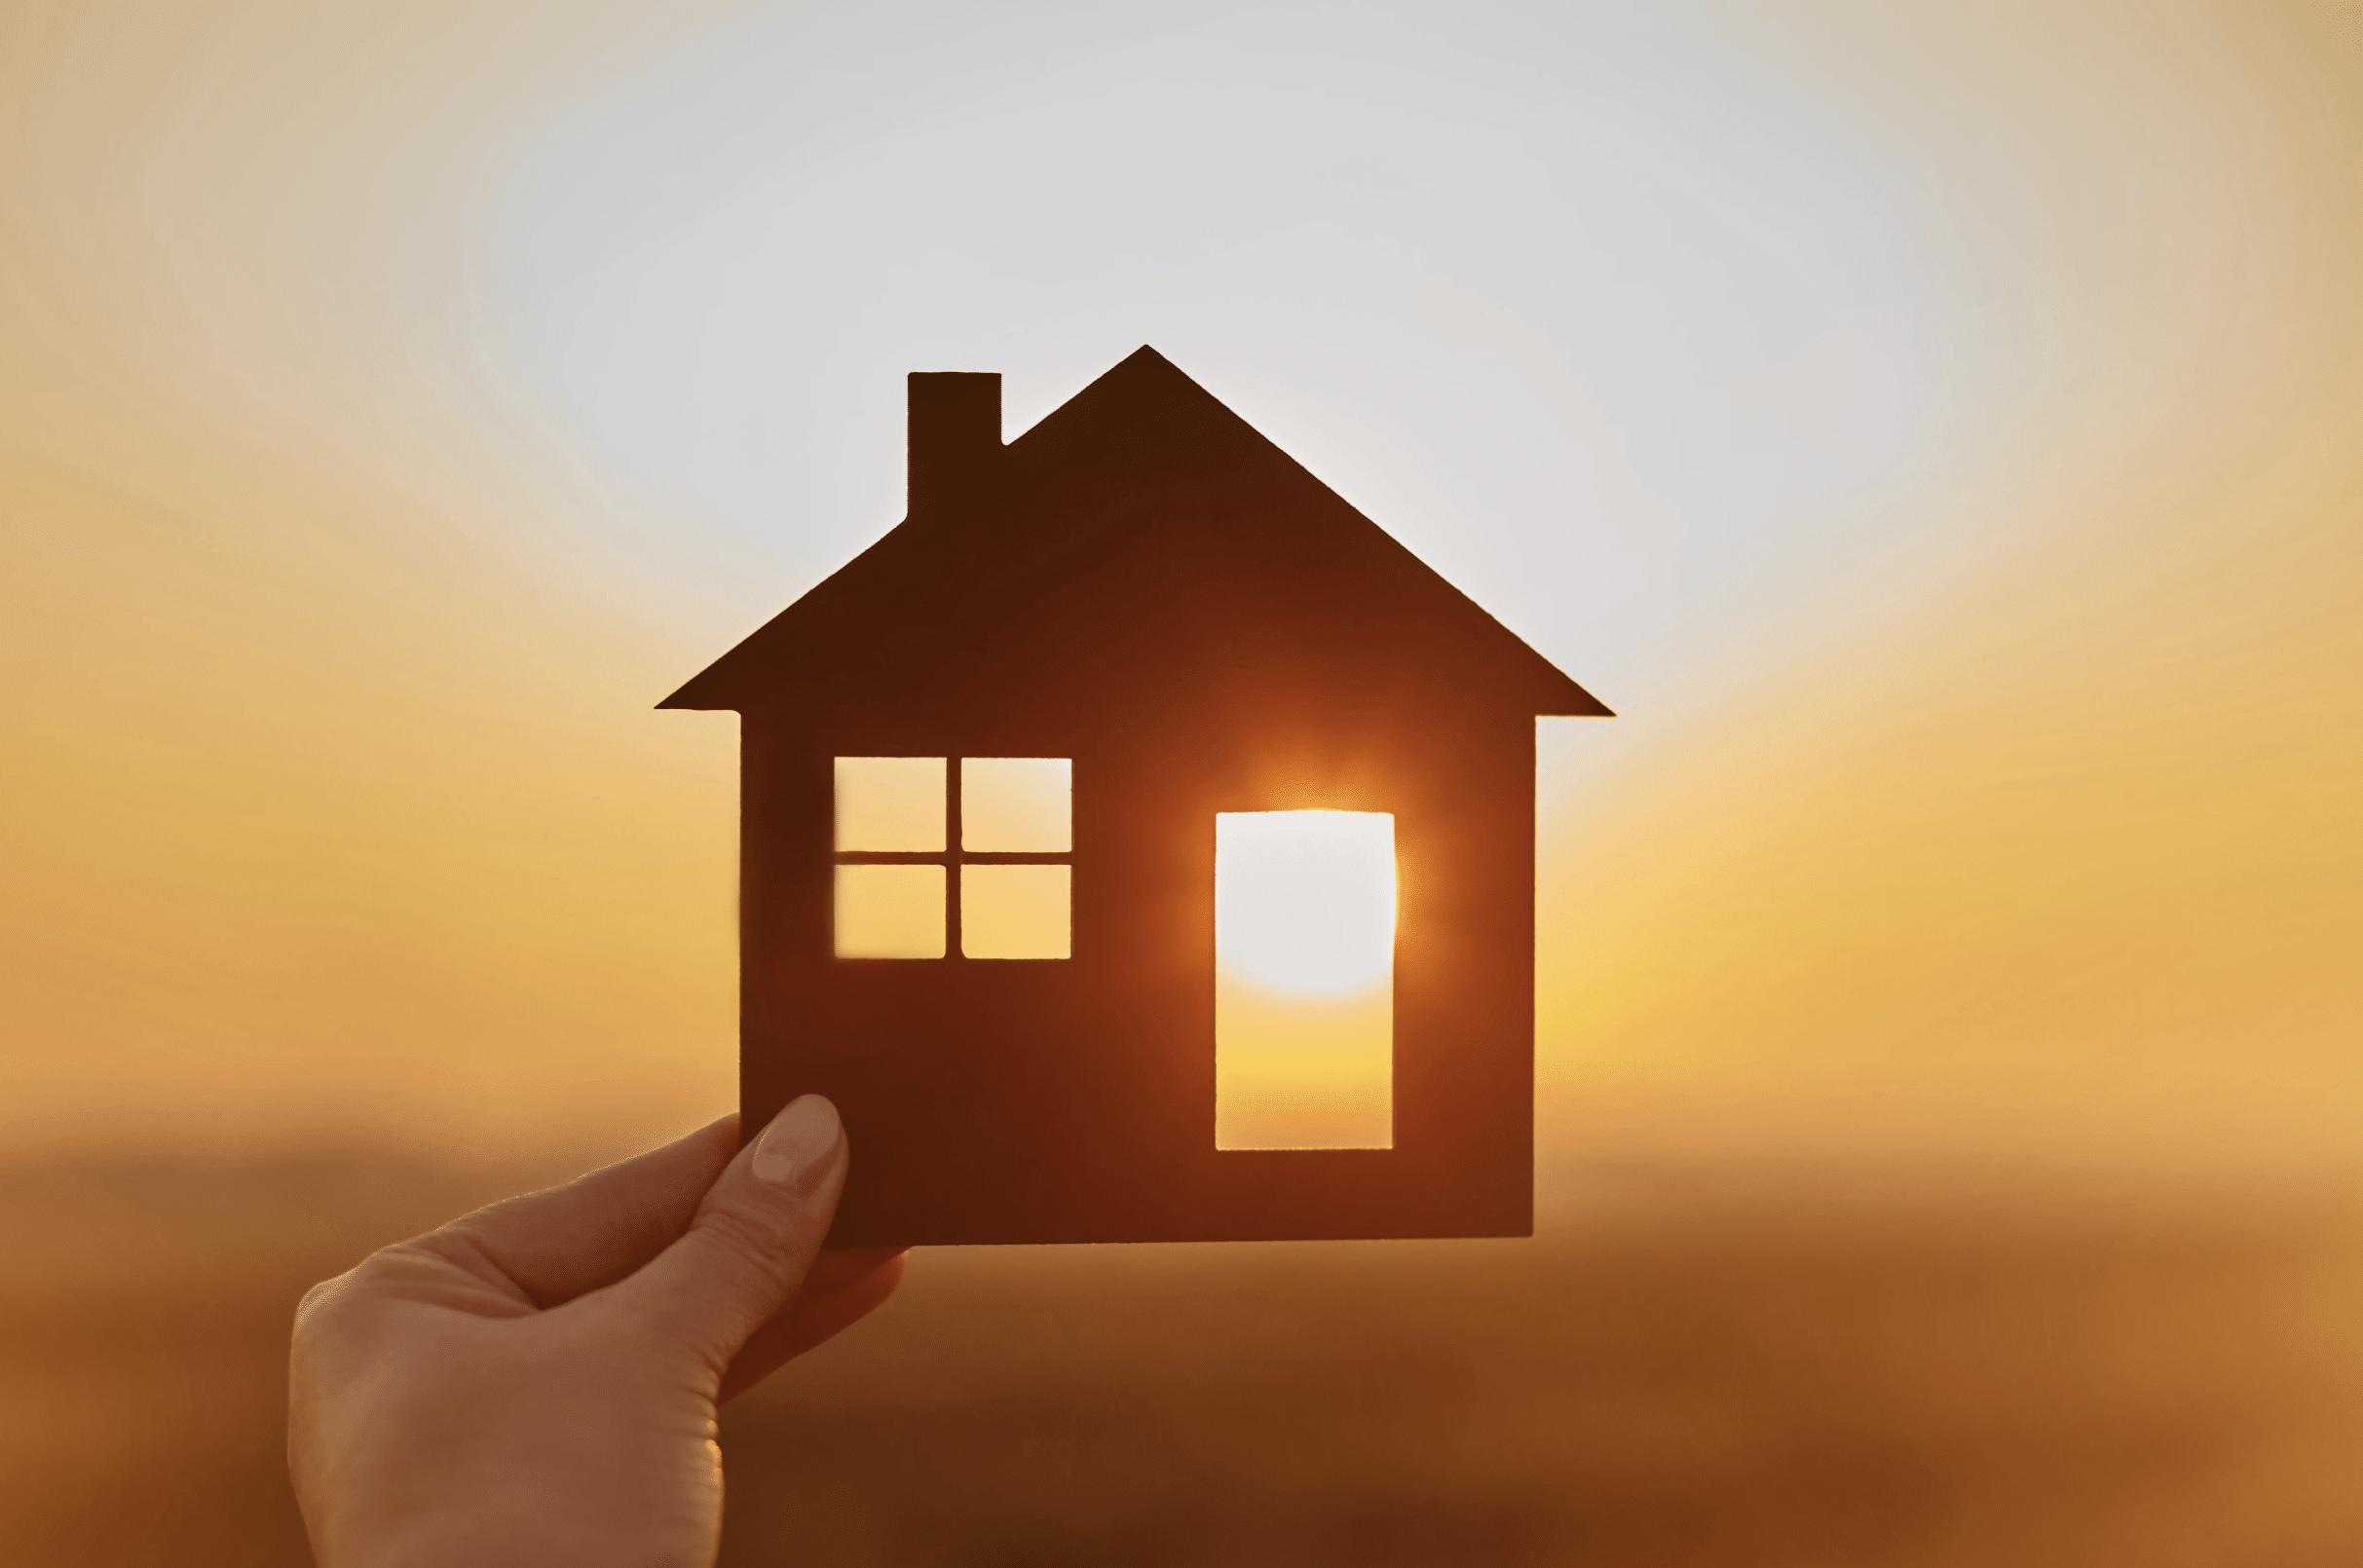 Cutout of house facing sun